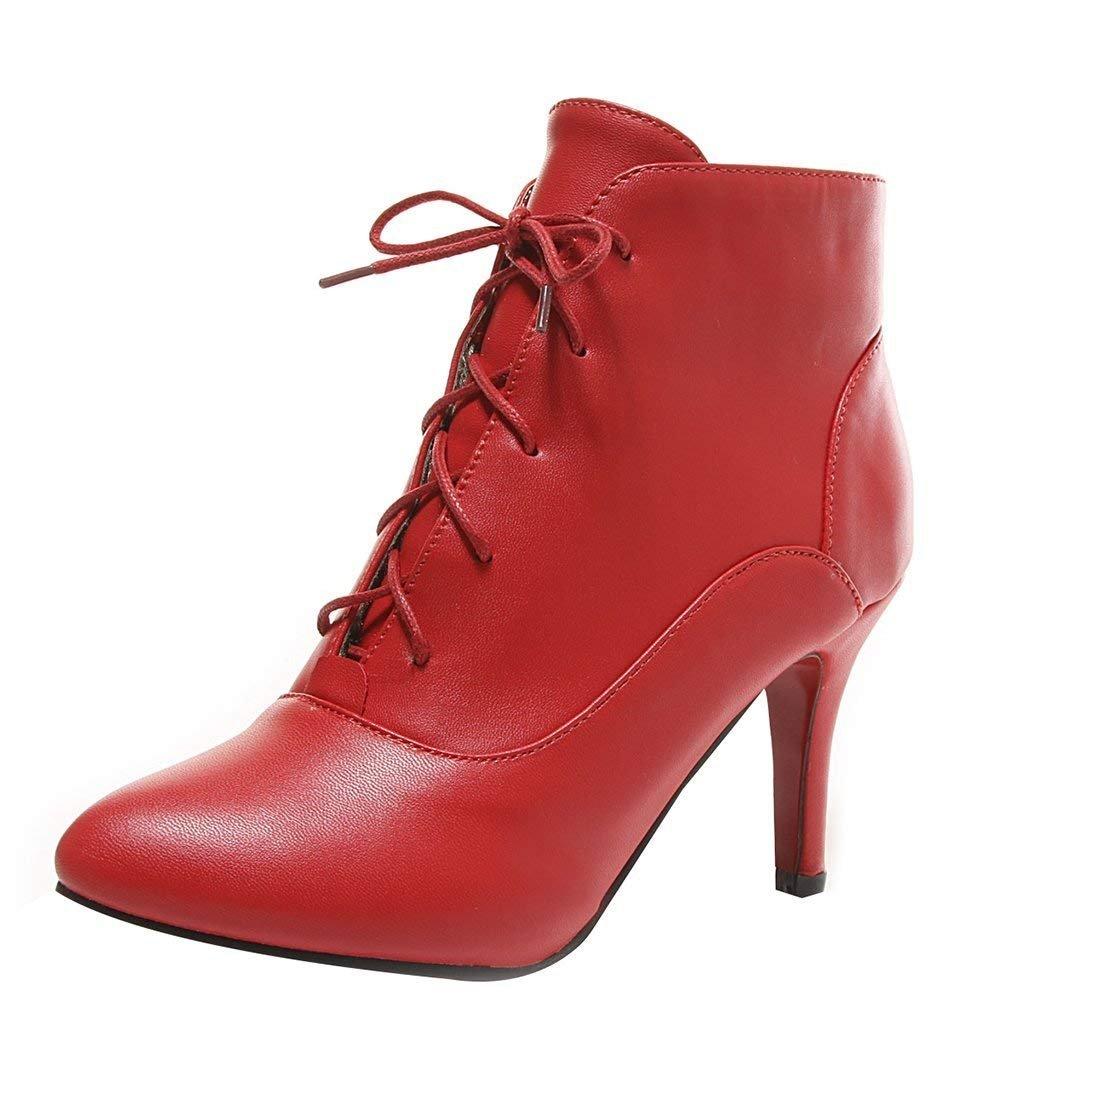 YE Femme Ankle Boots Bottine Botte Courte Hiver Femme Bout Pointu 19031 Lacet Talon Haut Aiguille Chaussure Hiver Rouge dace694 - deadsea.space